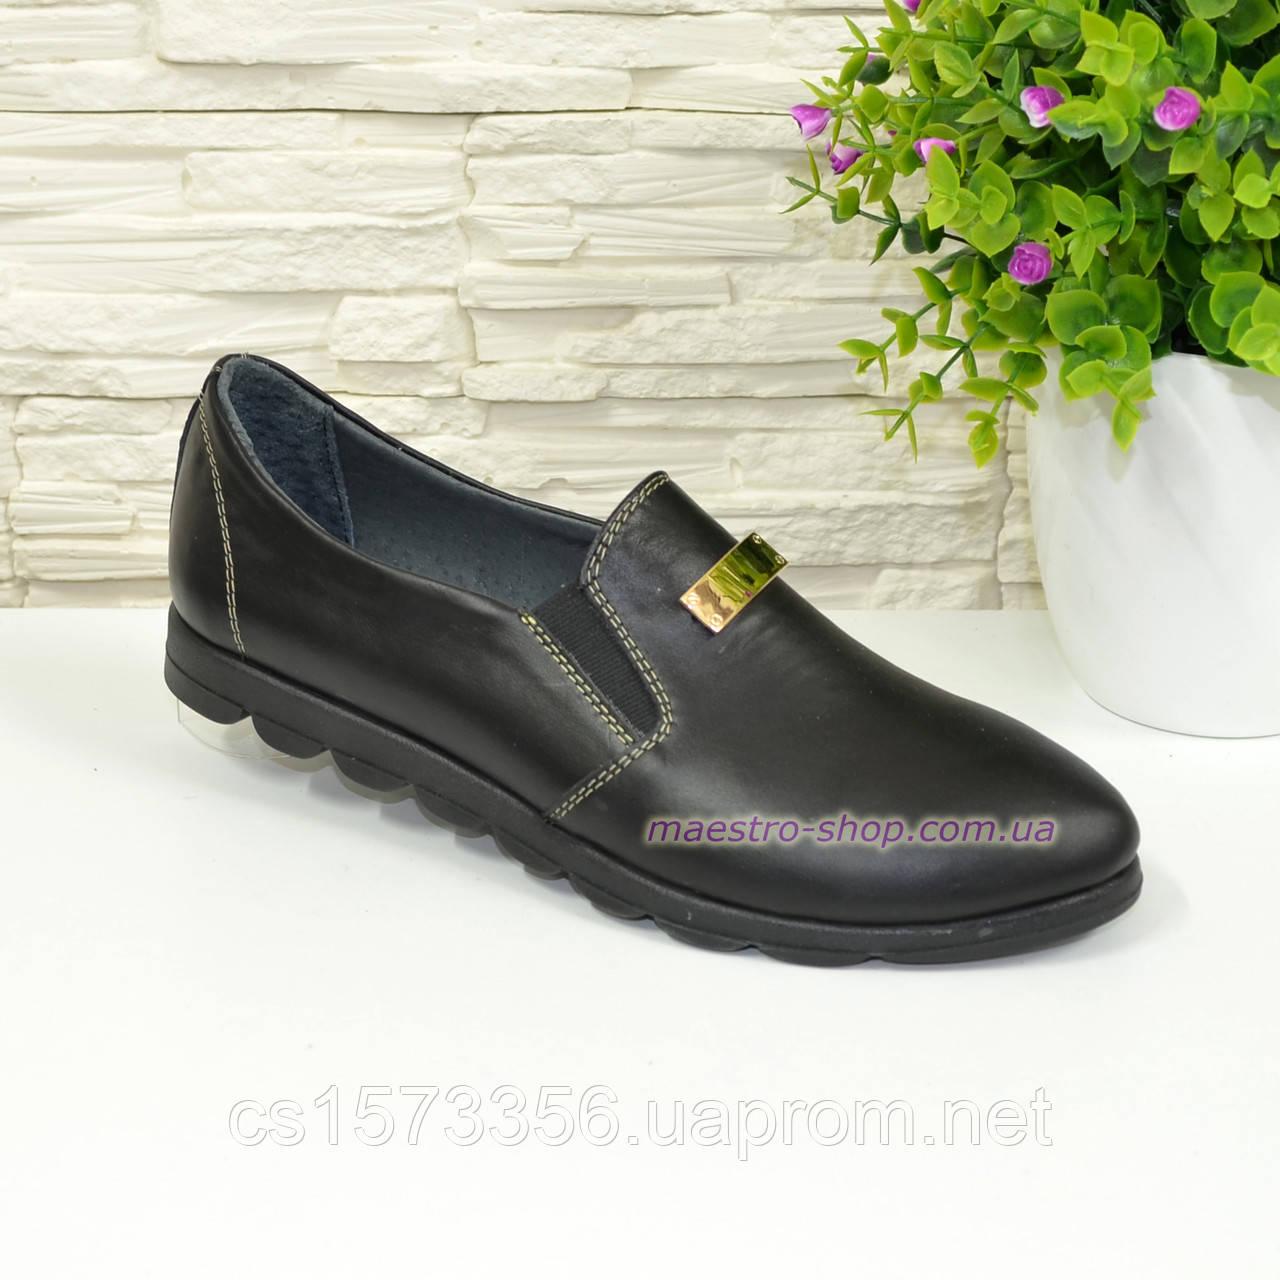 Туфли женские из натуральной кожи черного цвета на плоской подошве, декорированы фурнитурой